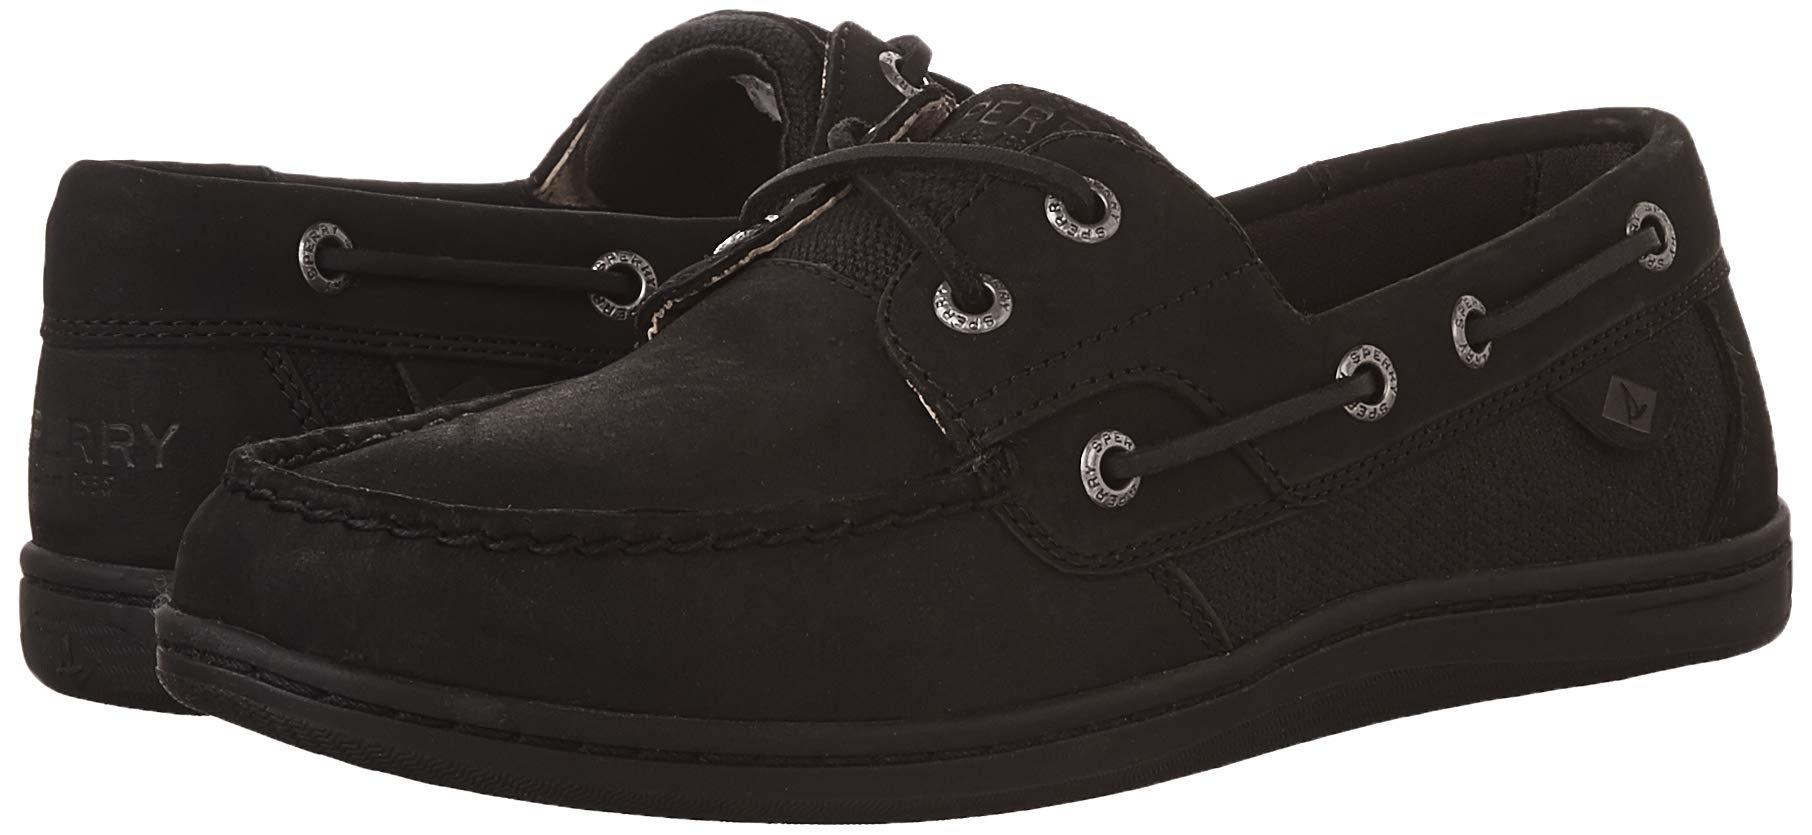 Koifish Boat Shoe - Choose SZ/color